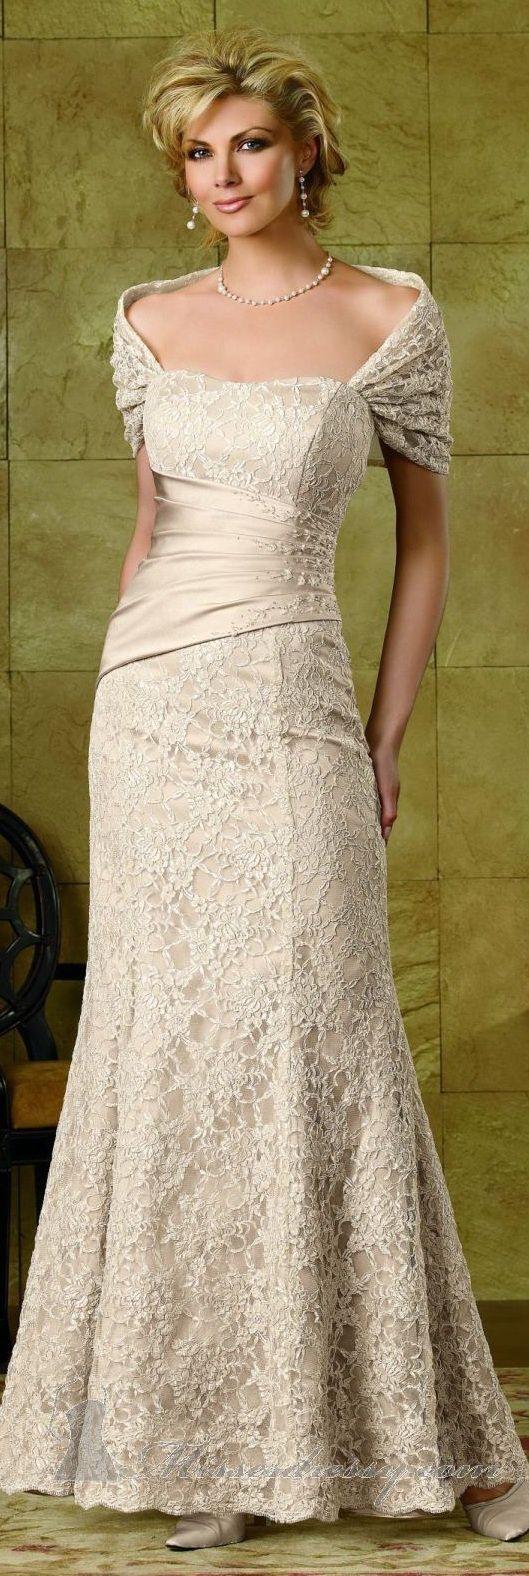 Designer Feature Alita Graham Wedding Dresses